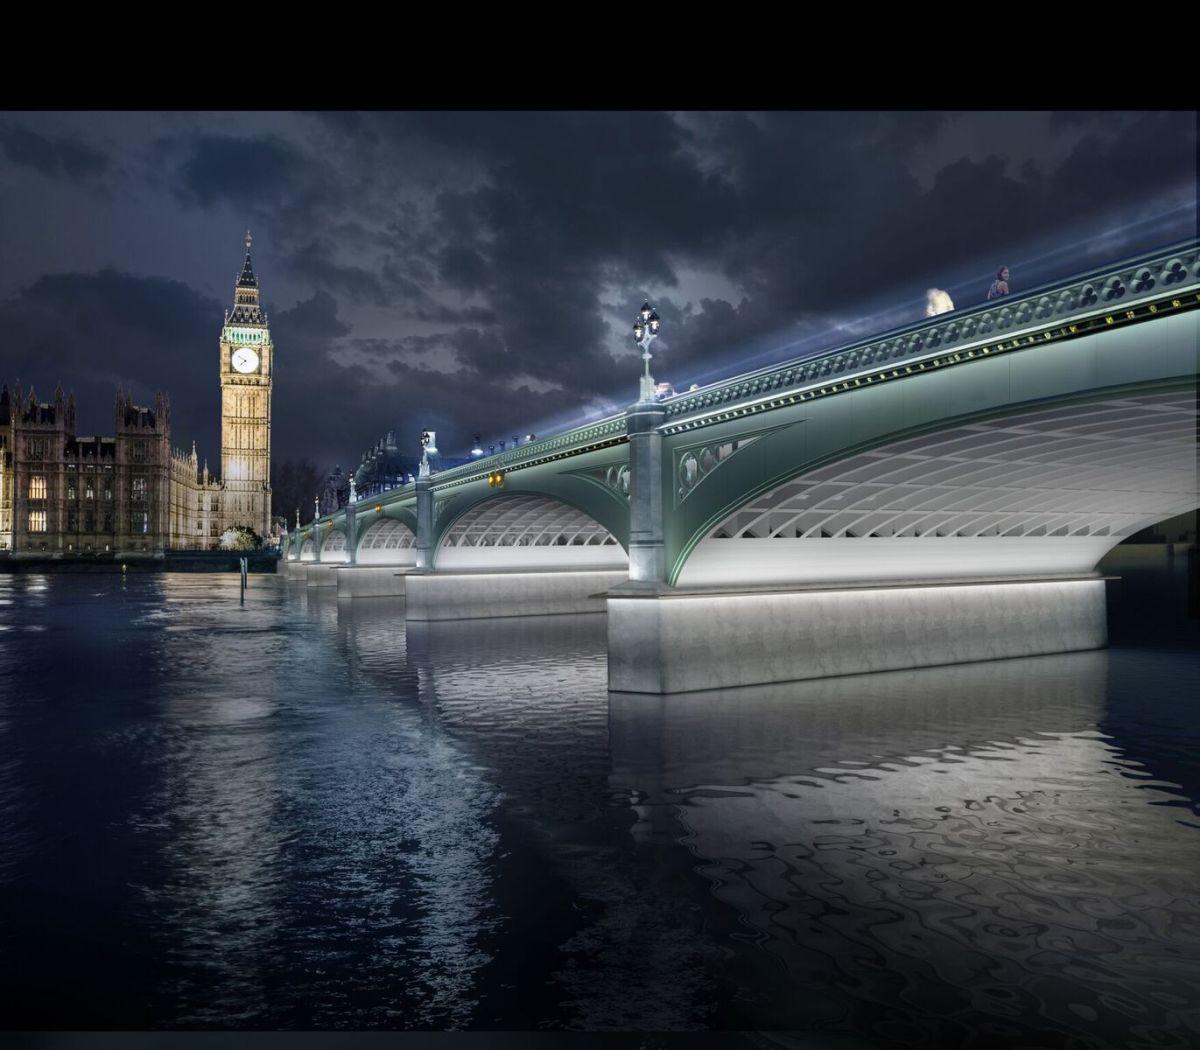 Réveil en pleine lumière - Westminster Bridge, London, UK © MRC and Diller Scofidio + Renfro